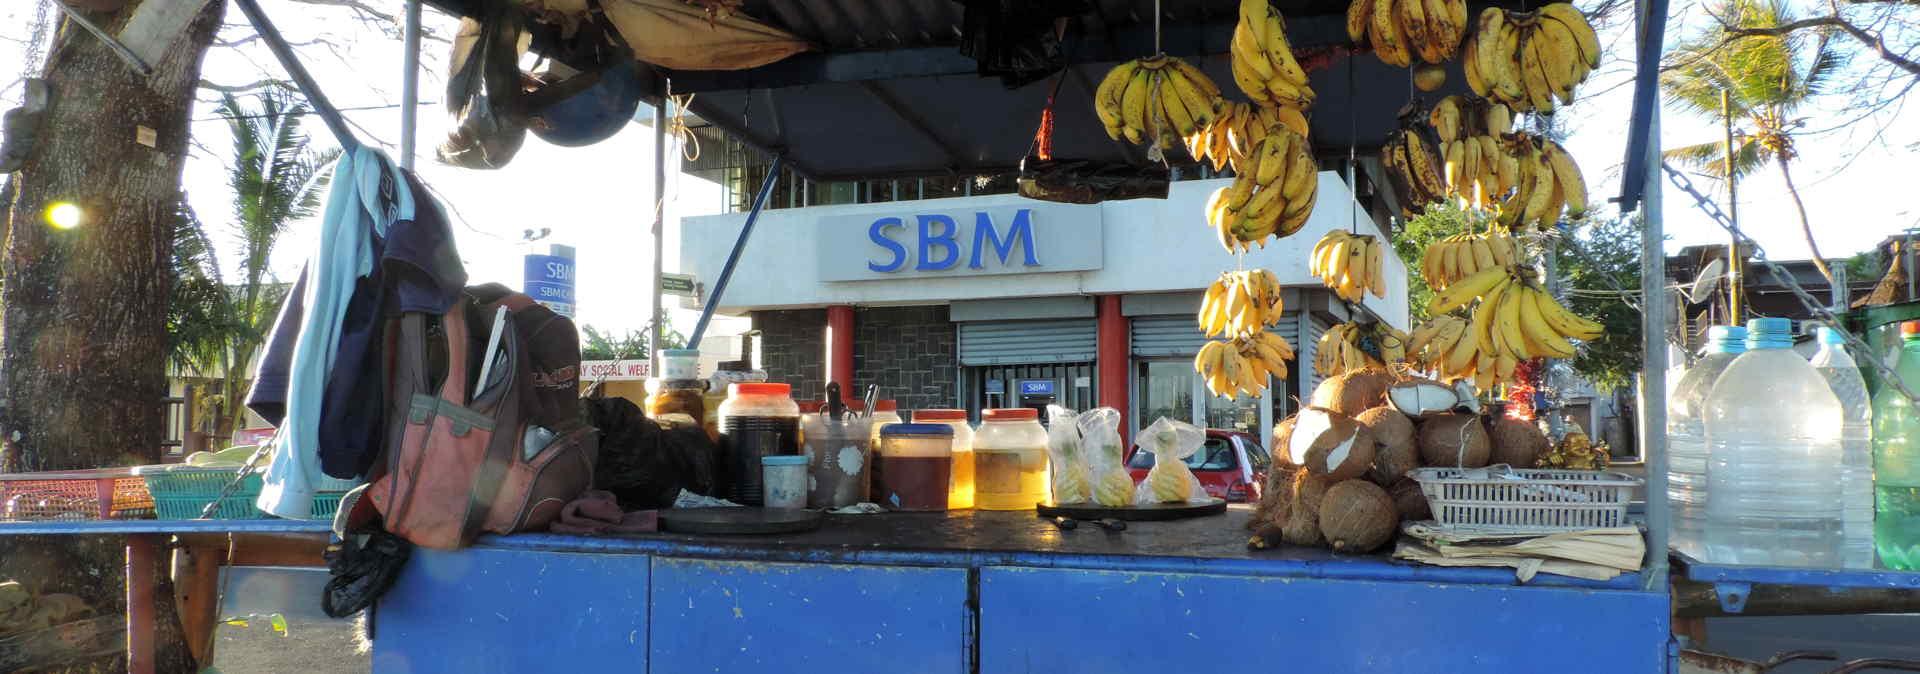 Straßenverkaufsstände auf Mauritius